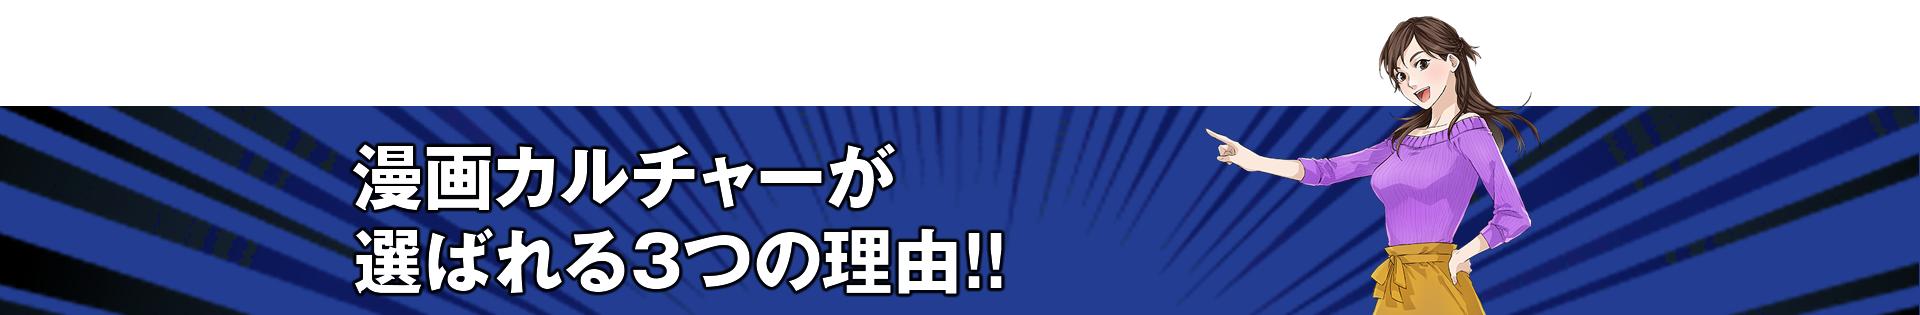 漫画で求人【漫画de求人】漫画カルチャーが選ばれる3つの理由! PC用画像